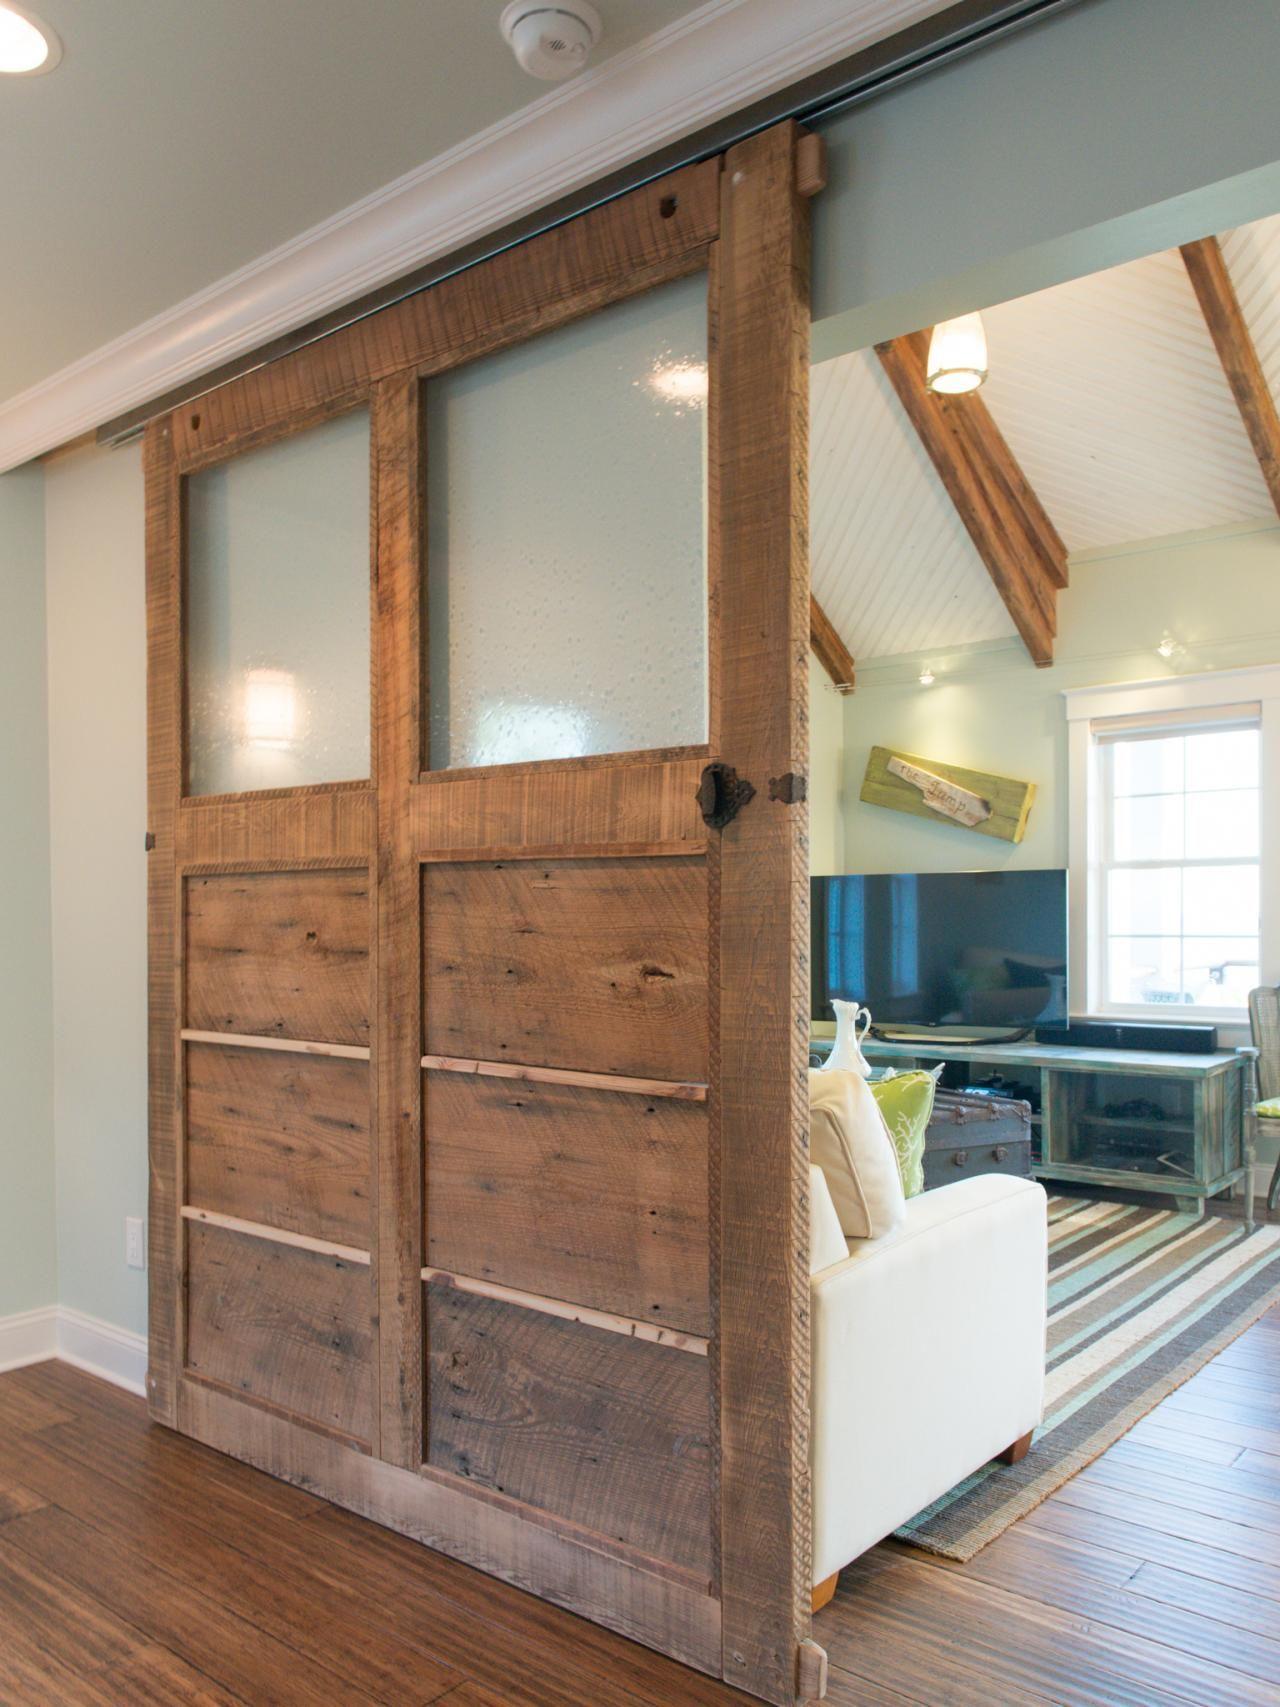 Costruire Una Porta Di Legno.How To Build A Reclaimed Wood Sliding Door Nel 2019 Casa Legno